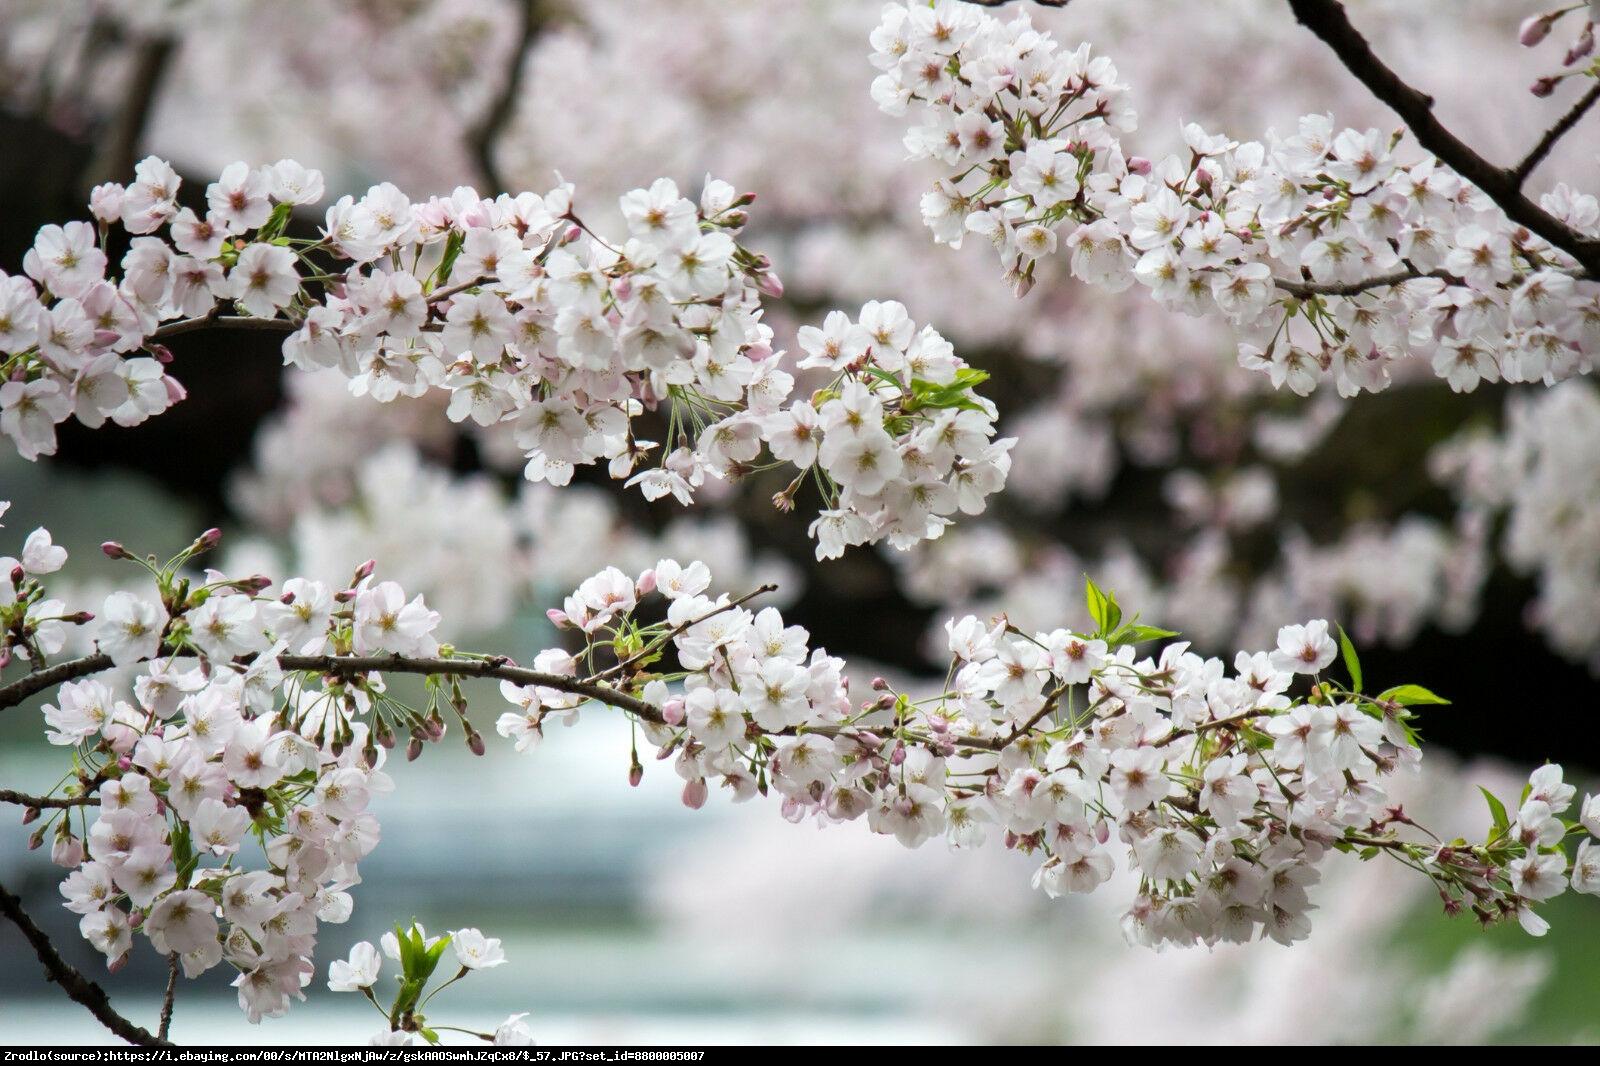 wisnia nipponska brillant - Prunus nipponica Brillant